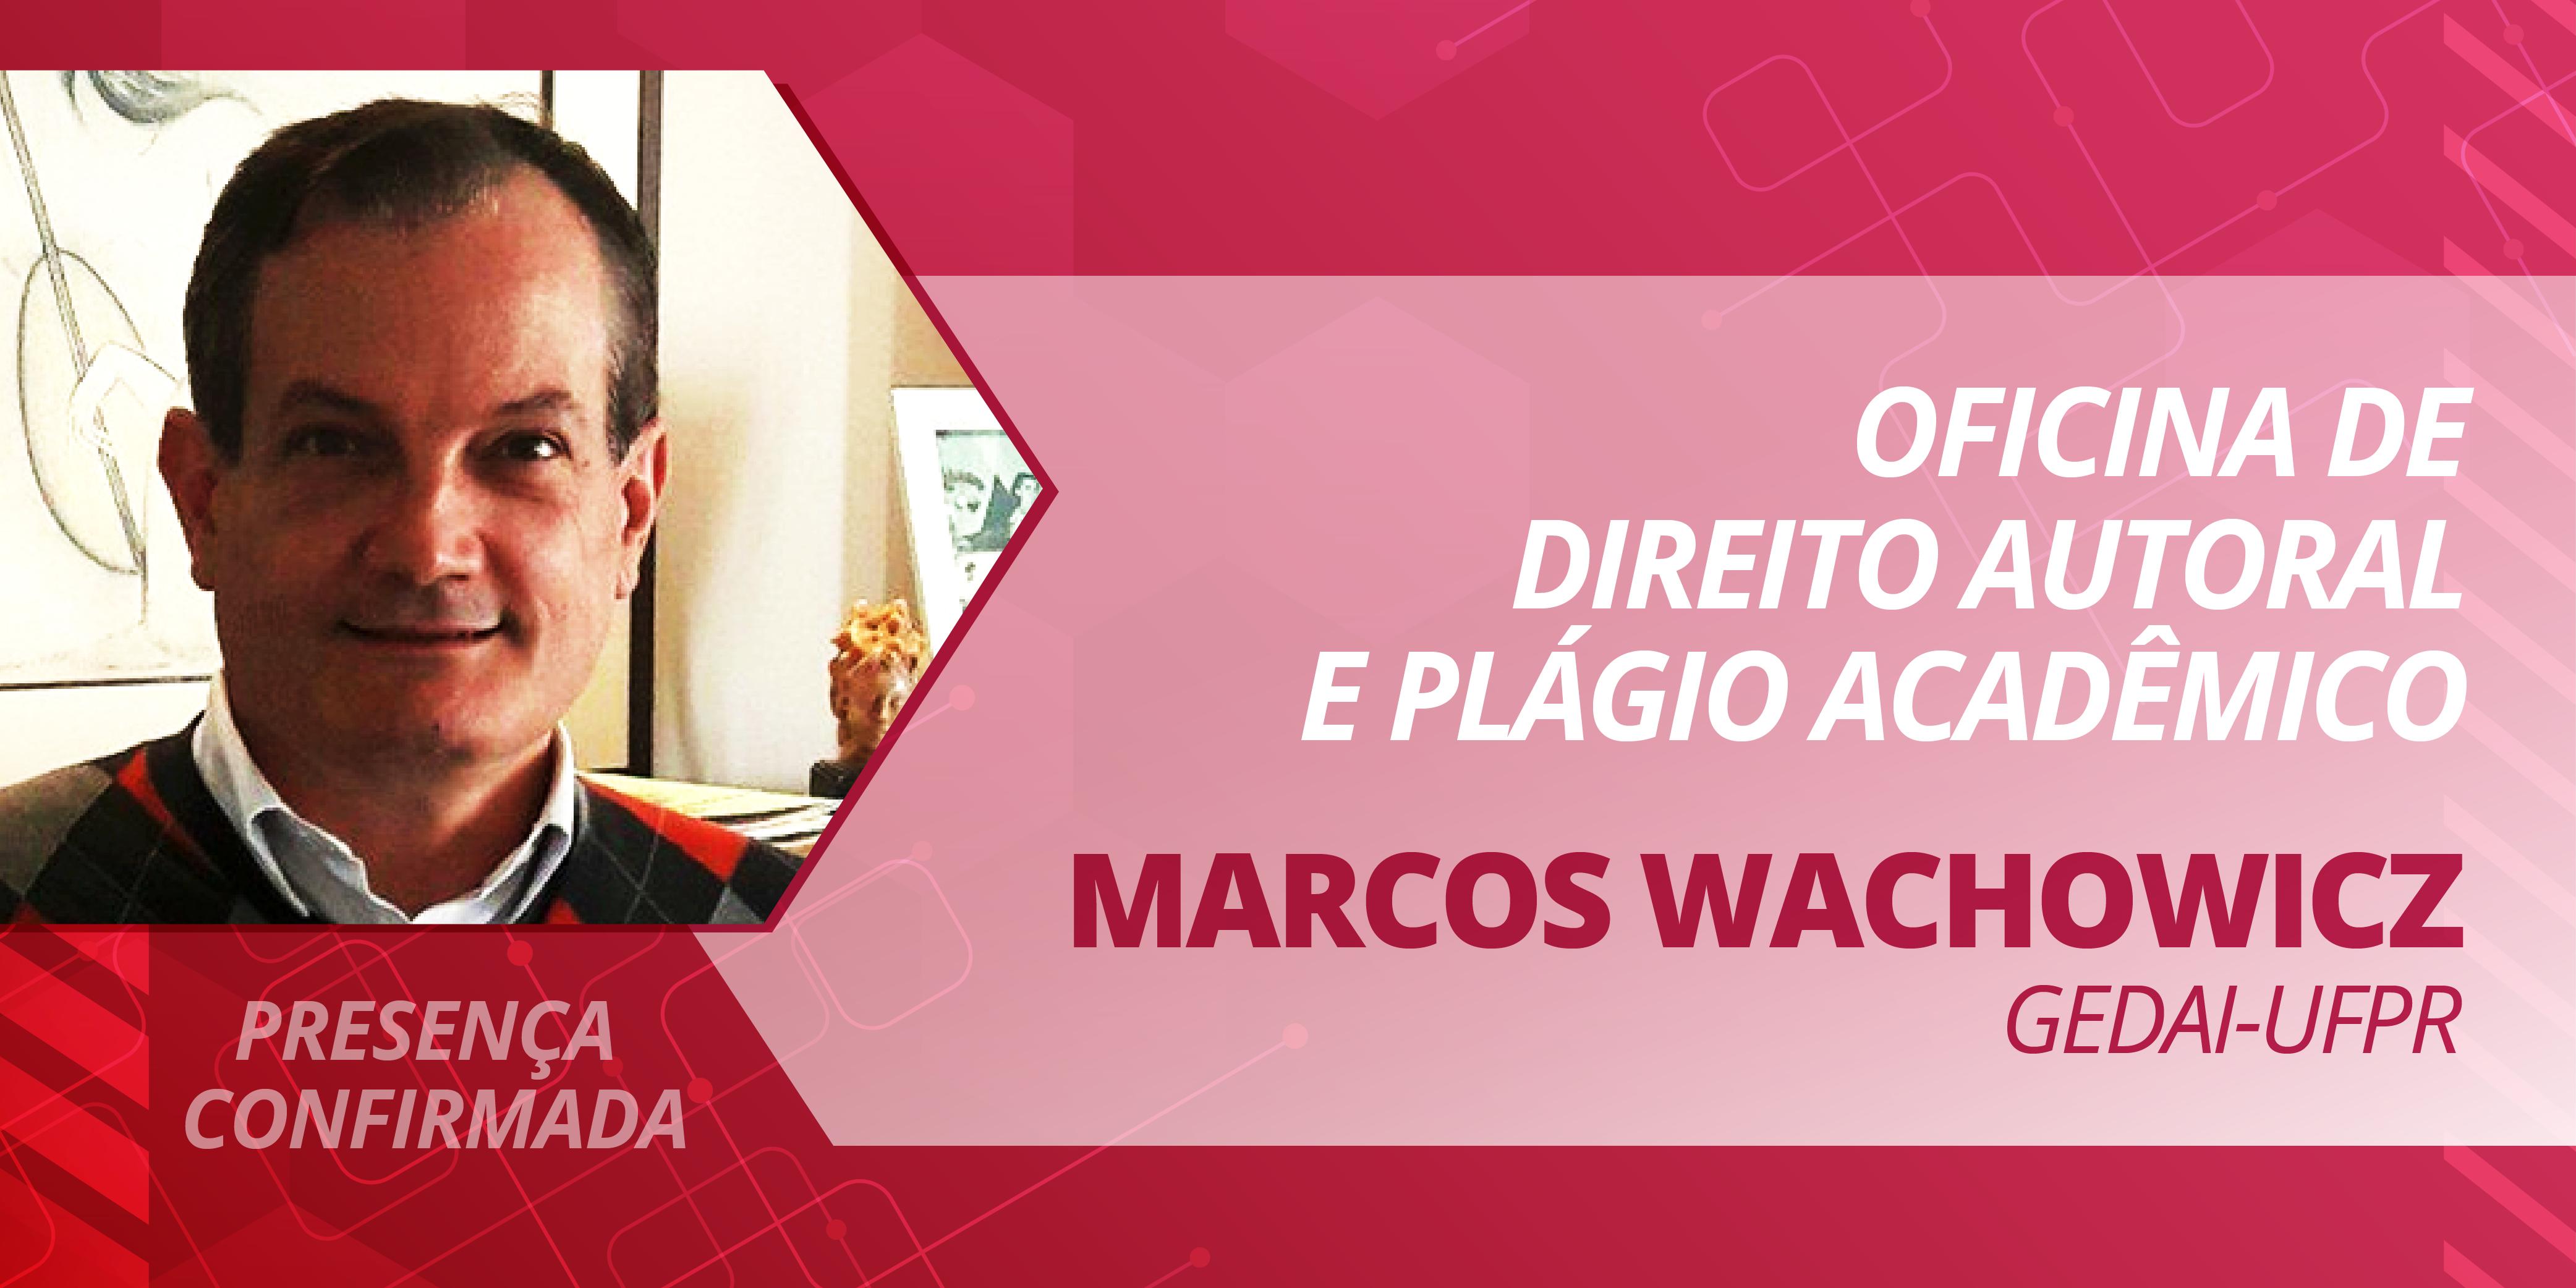 Marcos Wachowicz